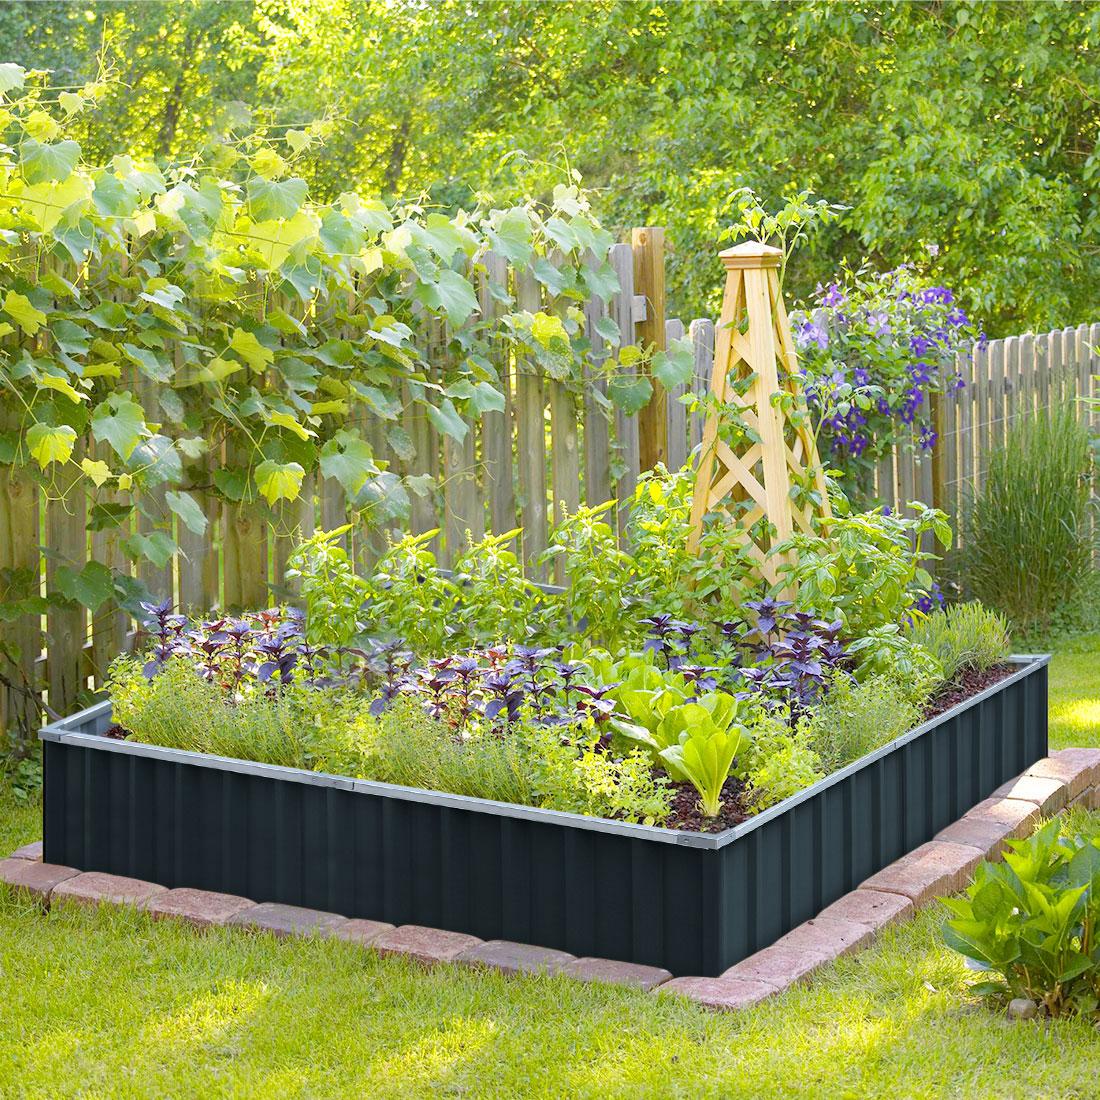 KING BIRD 5.6′x5.6′ Galvanized Metal Raised Garden Bed